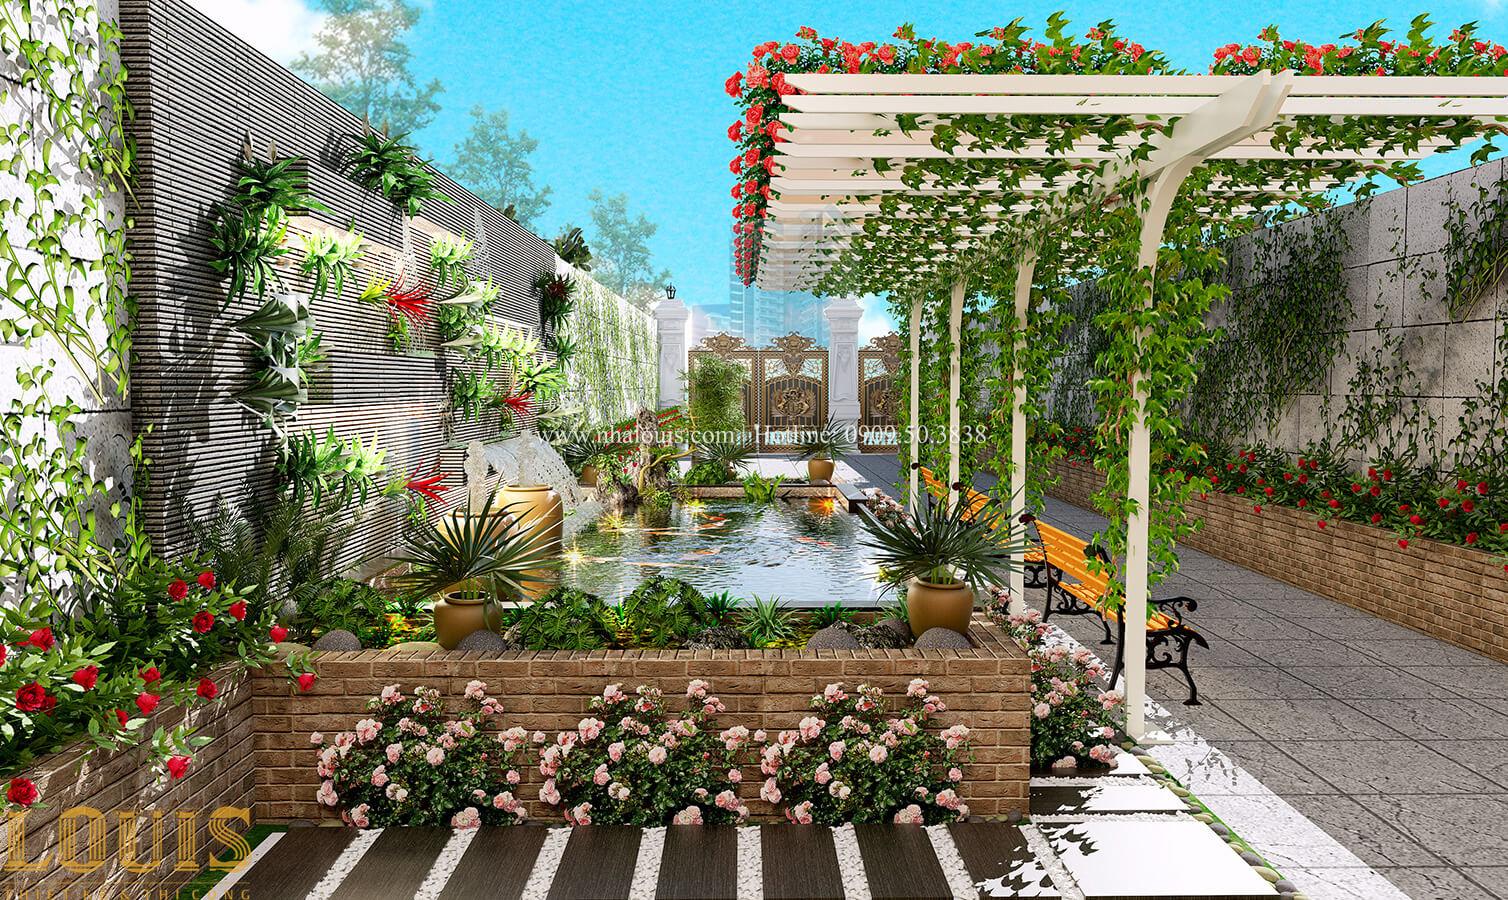 Sân vườn Thích thú bước vào biệt thự sân vườn đẹp xanh mát tại Tân Bình - 13